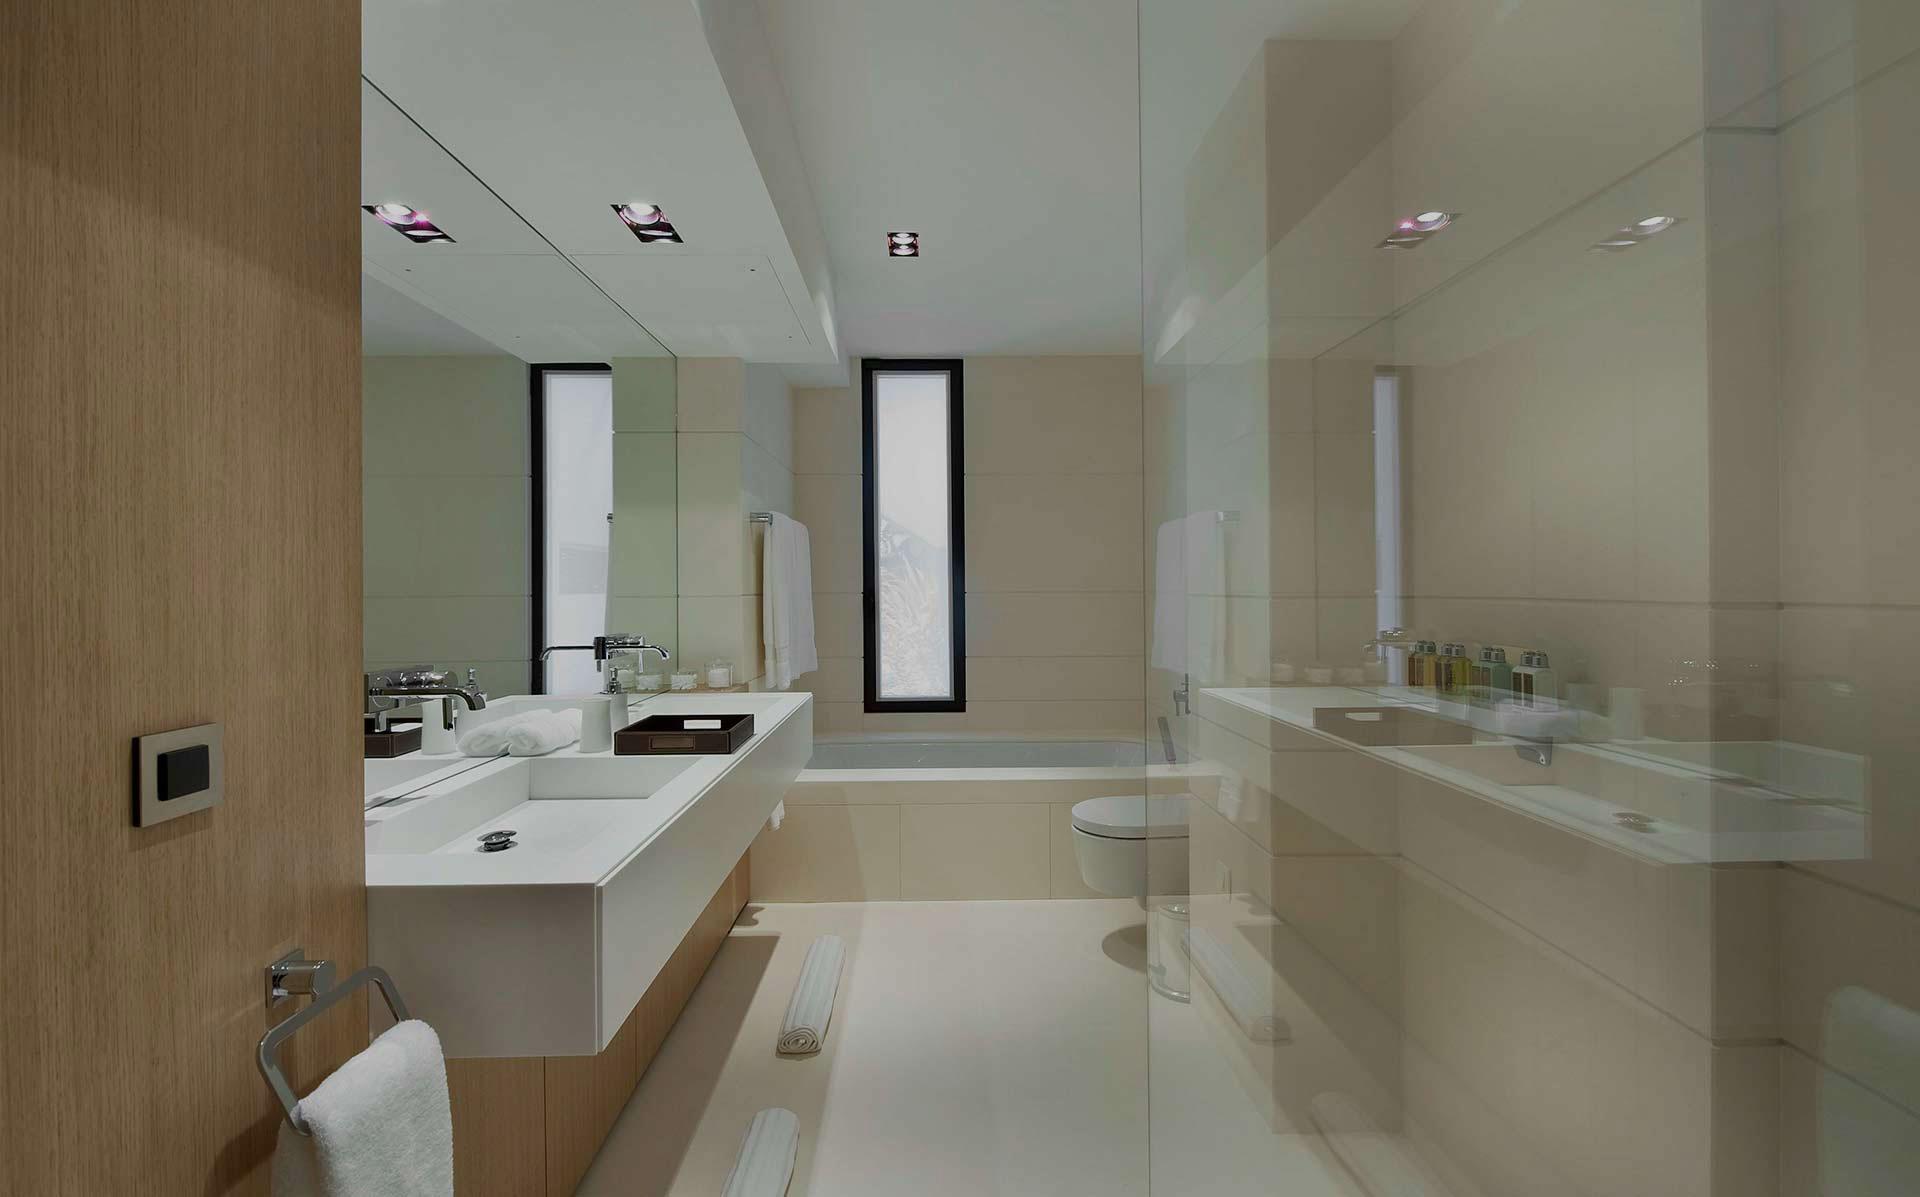 Ανακαίνιση Μπάνιο - Ανακαινίσεις Technoenergy Θεσσαλονίκη